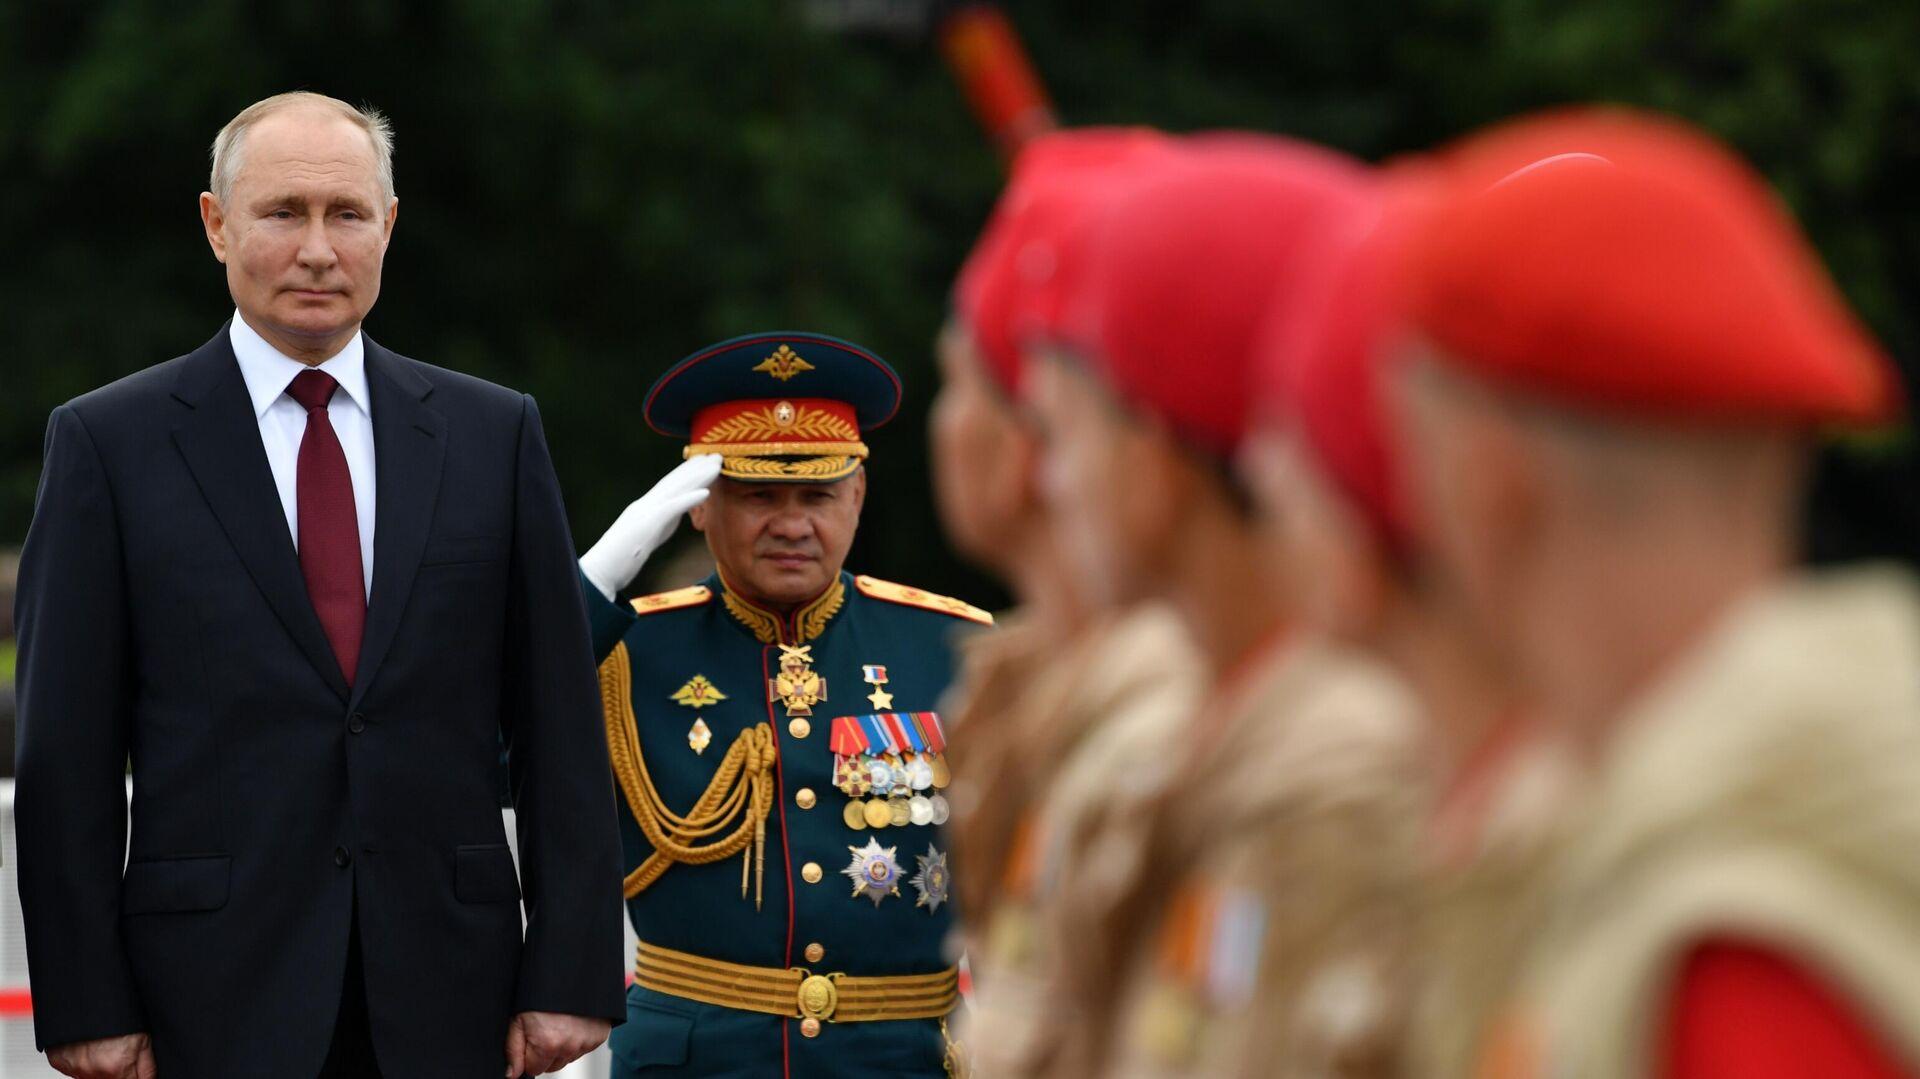 Władimir Putin otwiera paradę z okazji Dnia Marynarki Wojennej  - Sputnik Polska, 1920, 25.07.2021